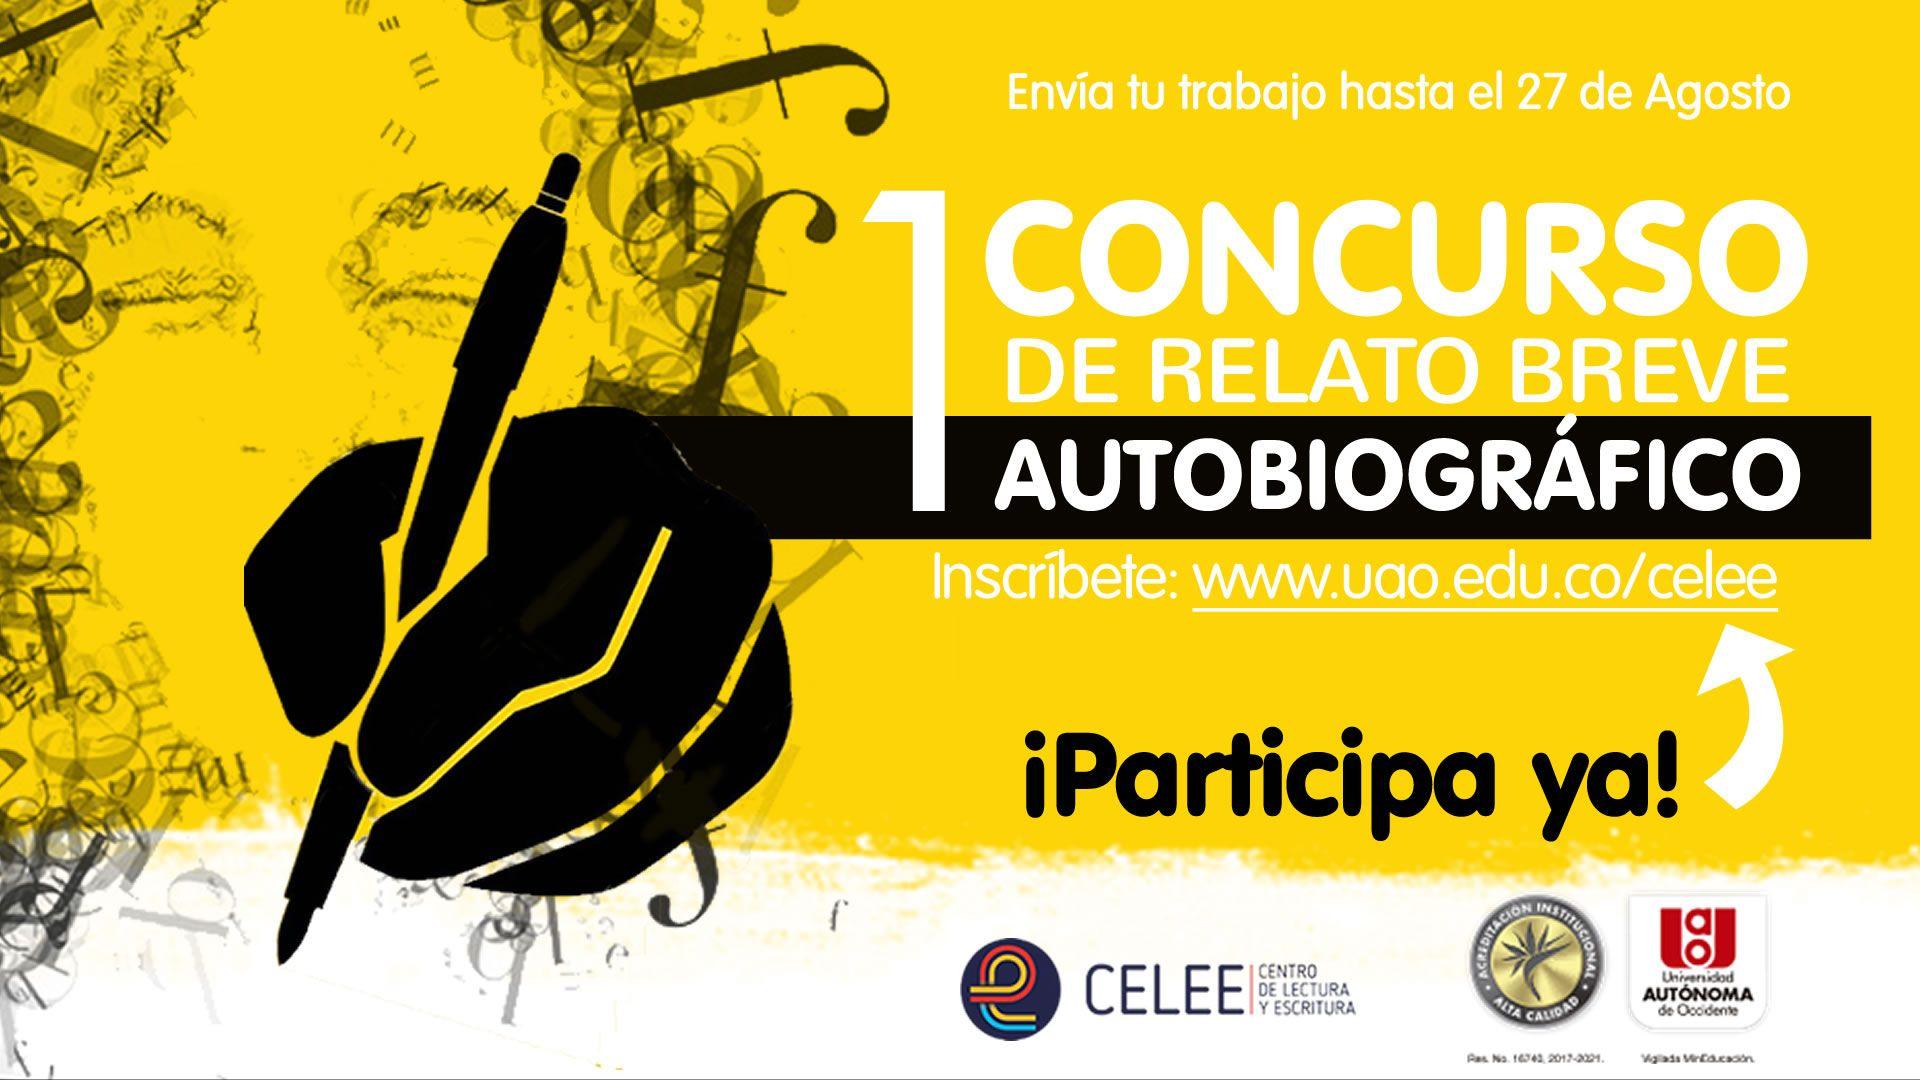 1-concurso-autobiografico-uao-27-agosto